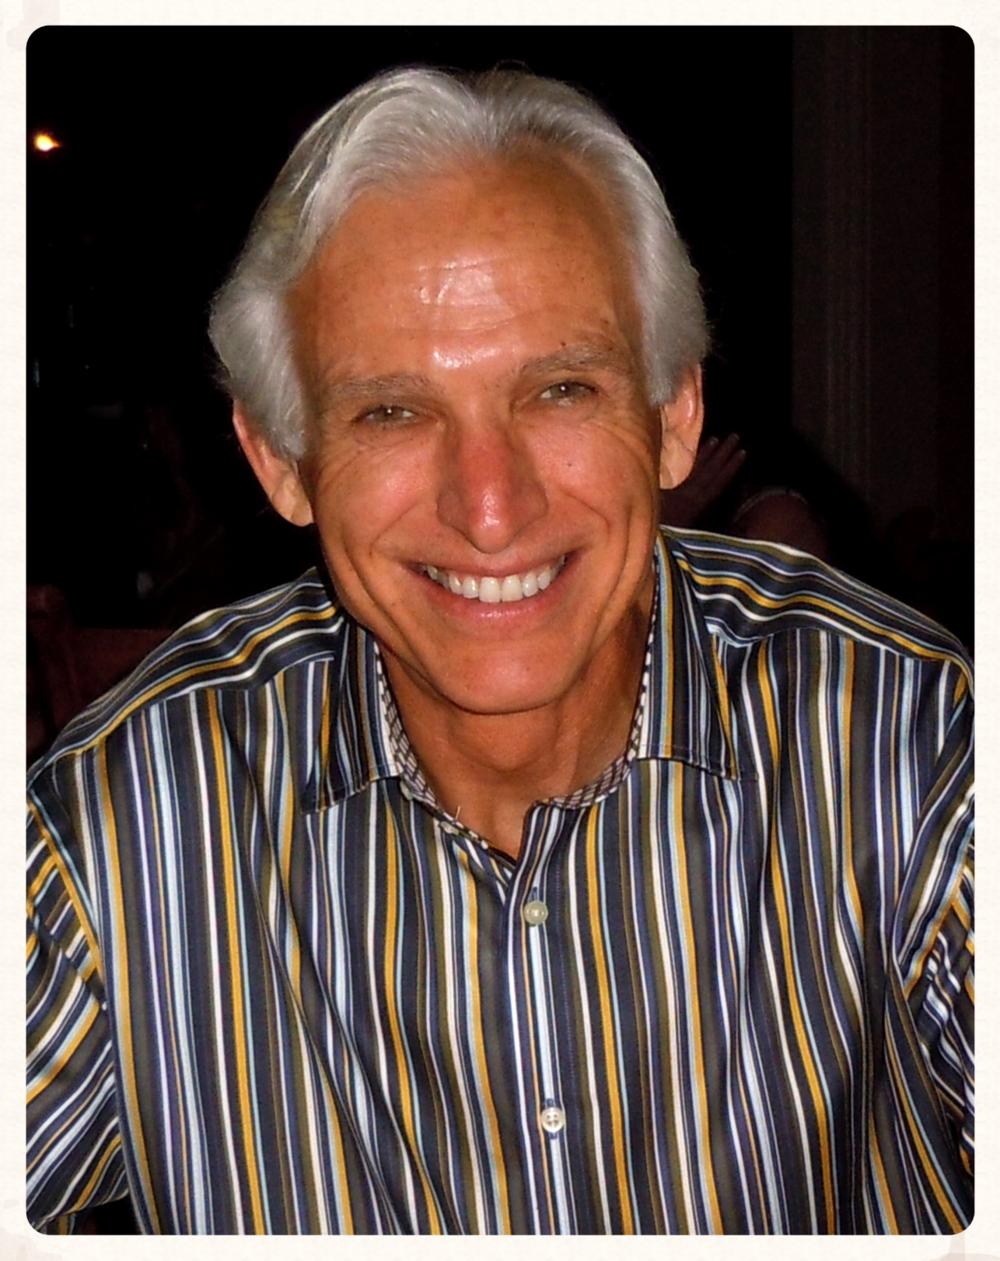 Jim Bainer.JPG